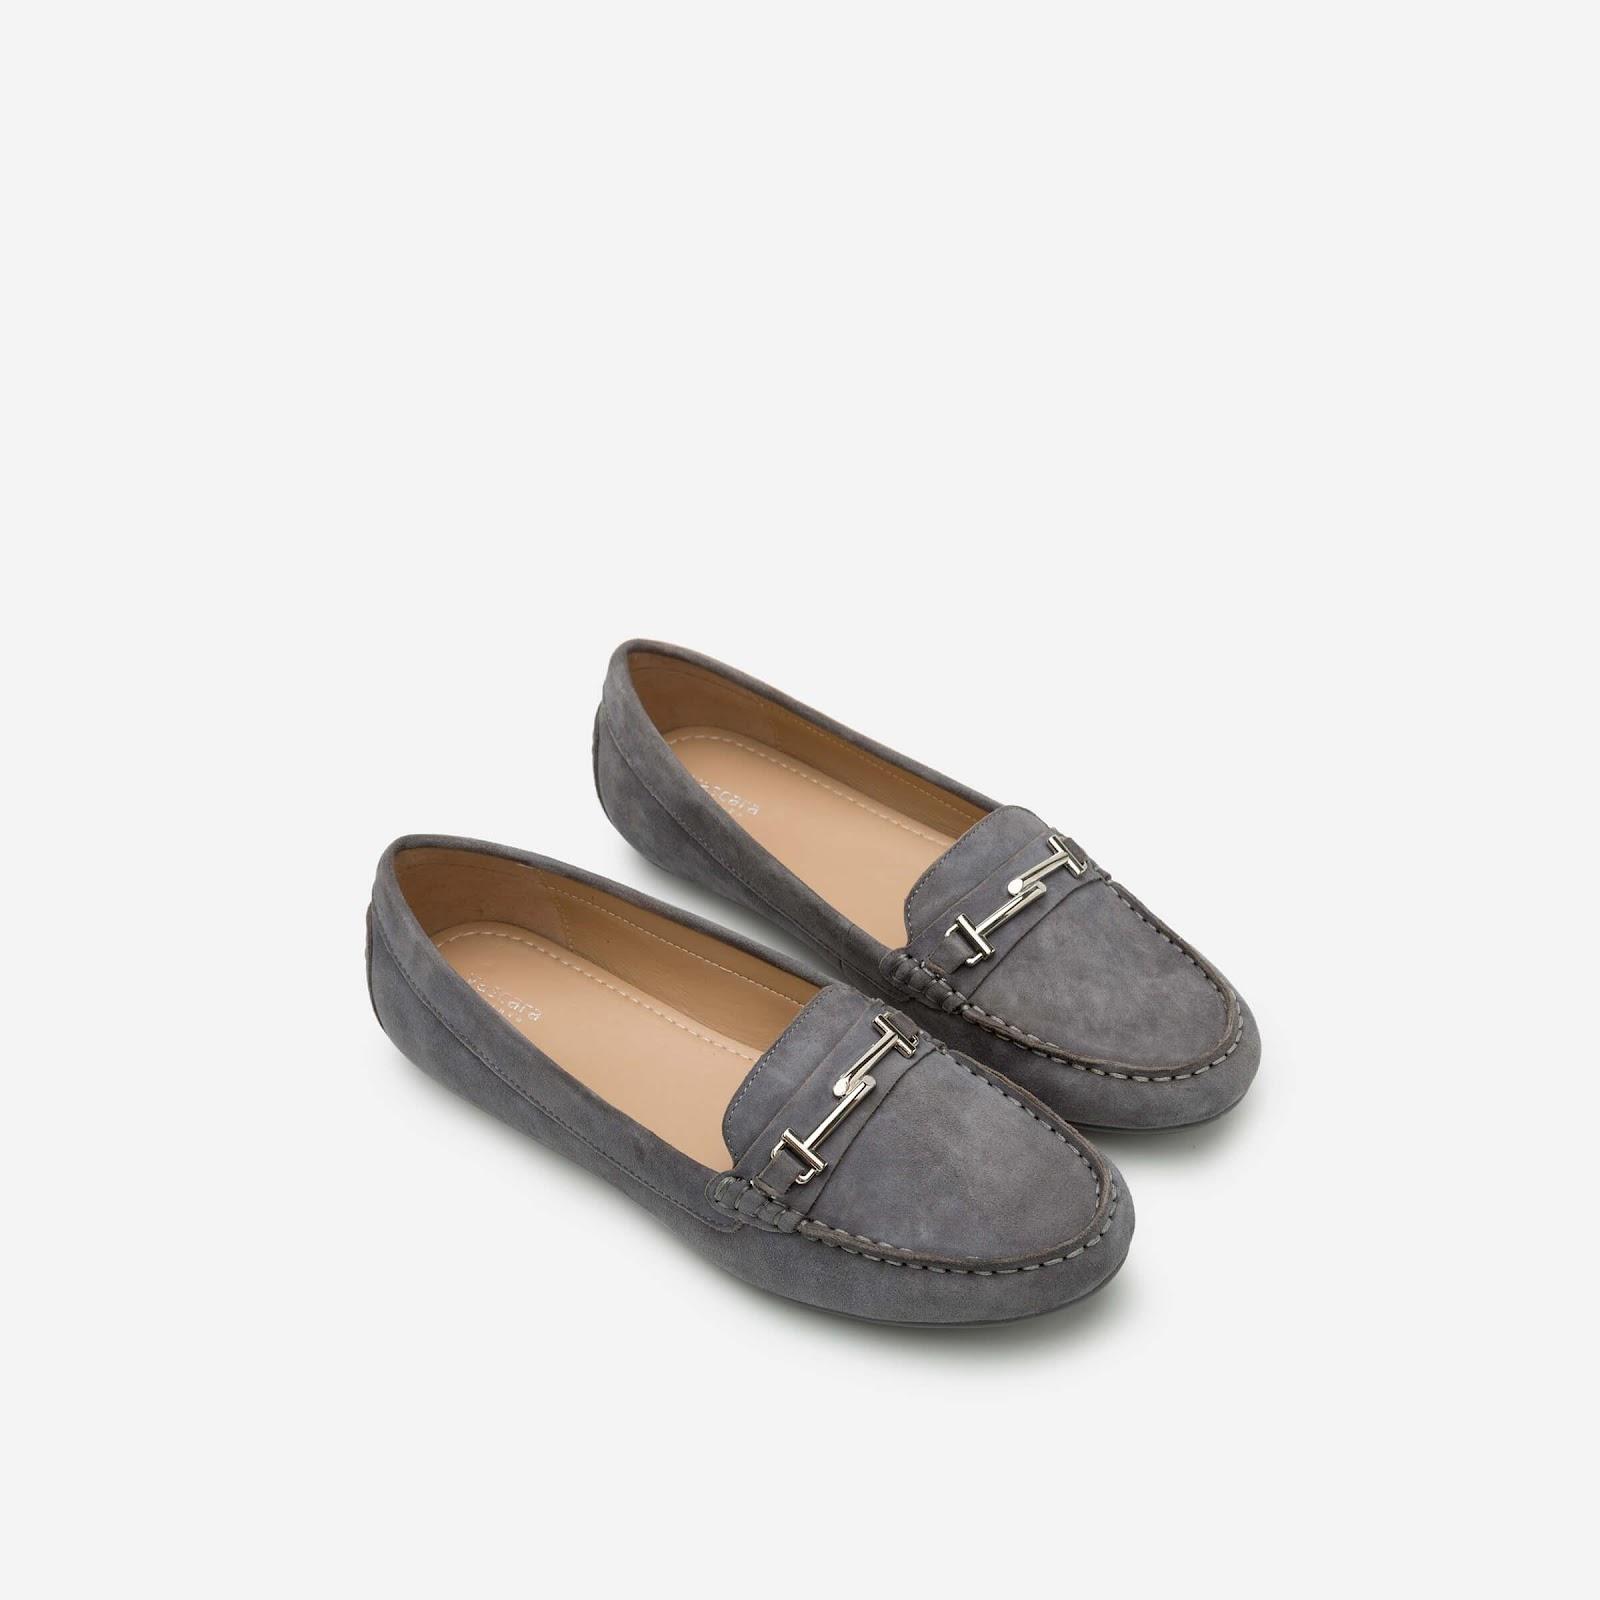 Mẫu giày da đẹp và chất lượng